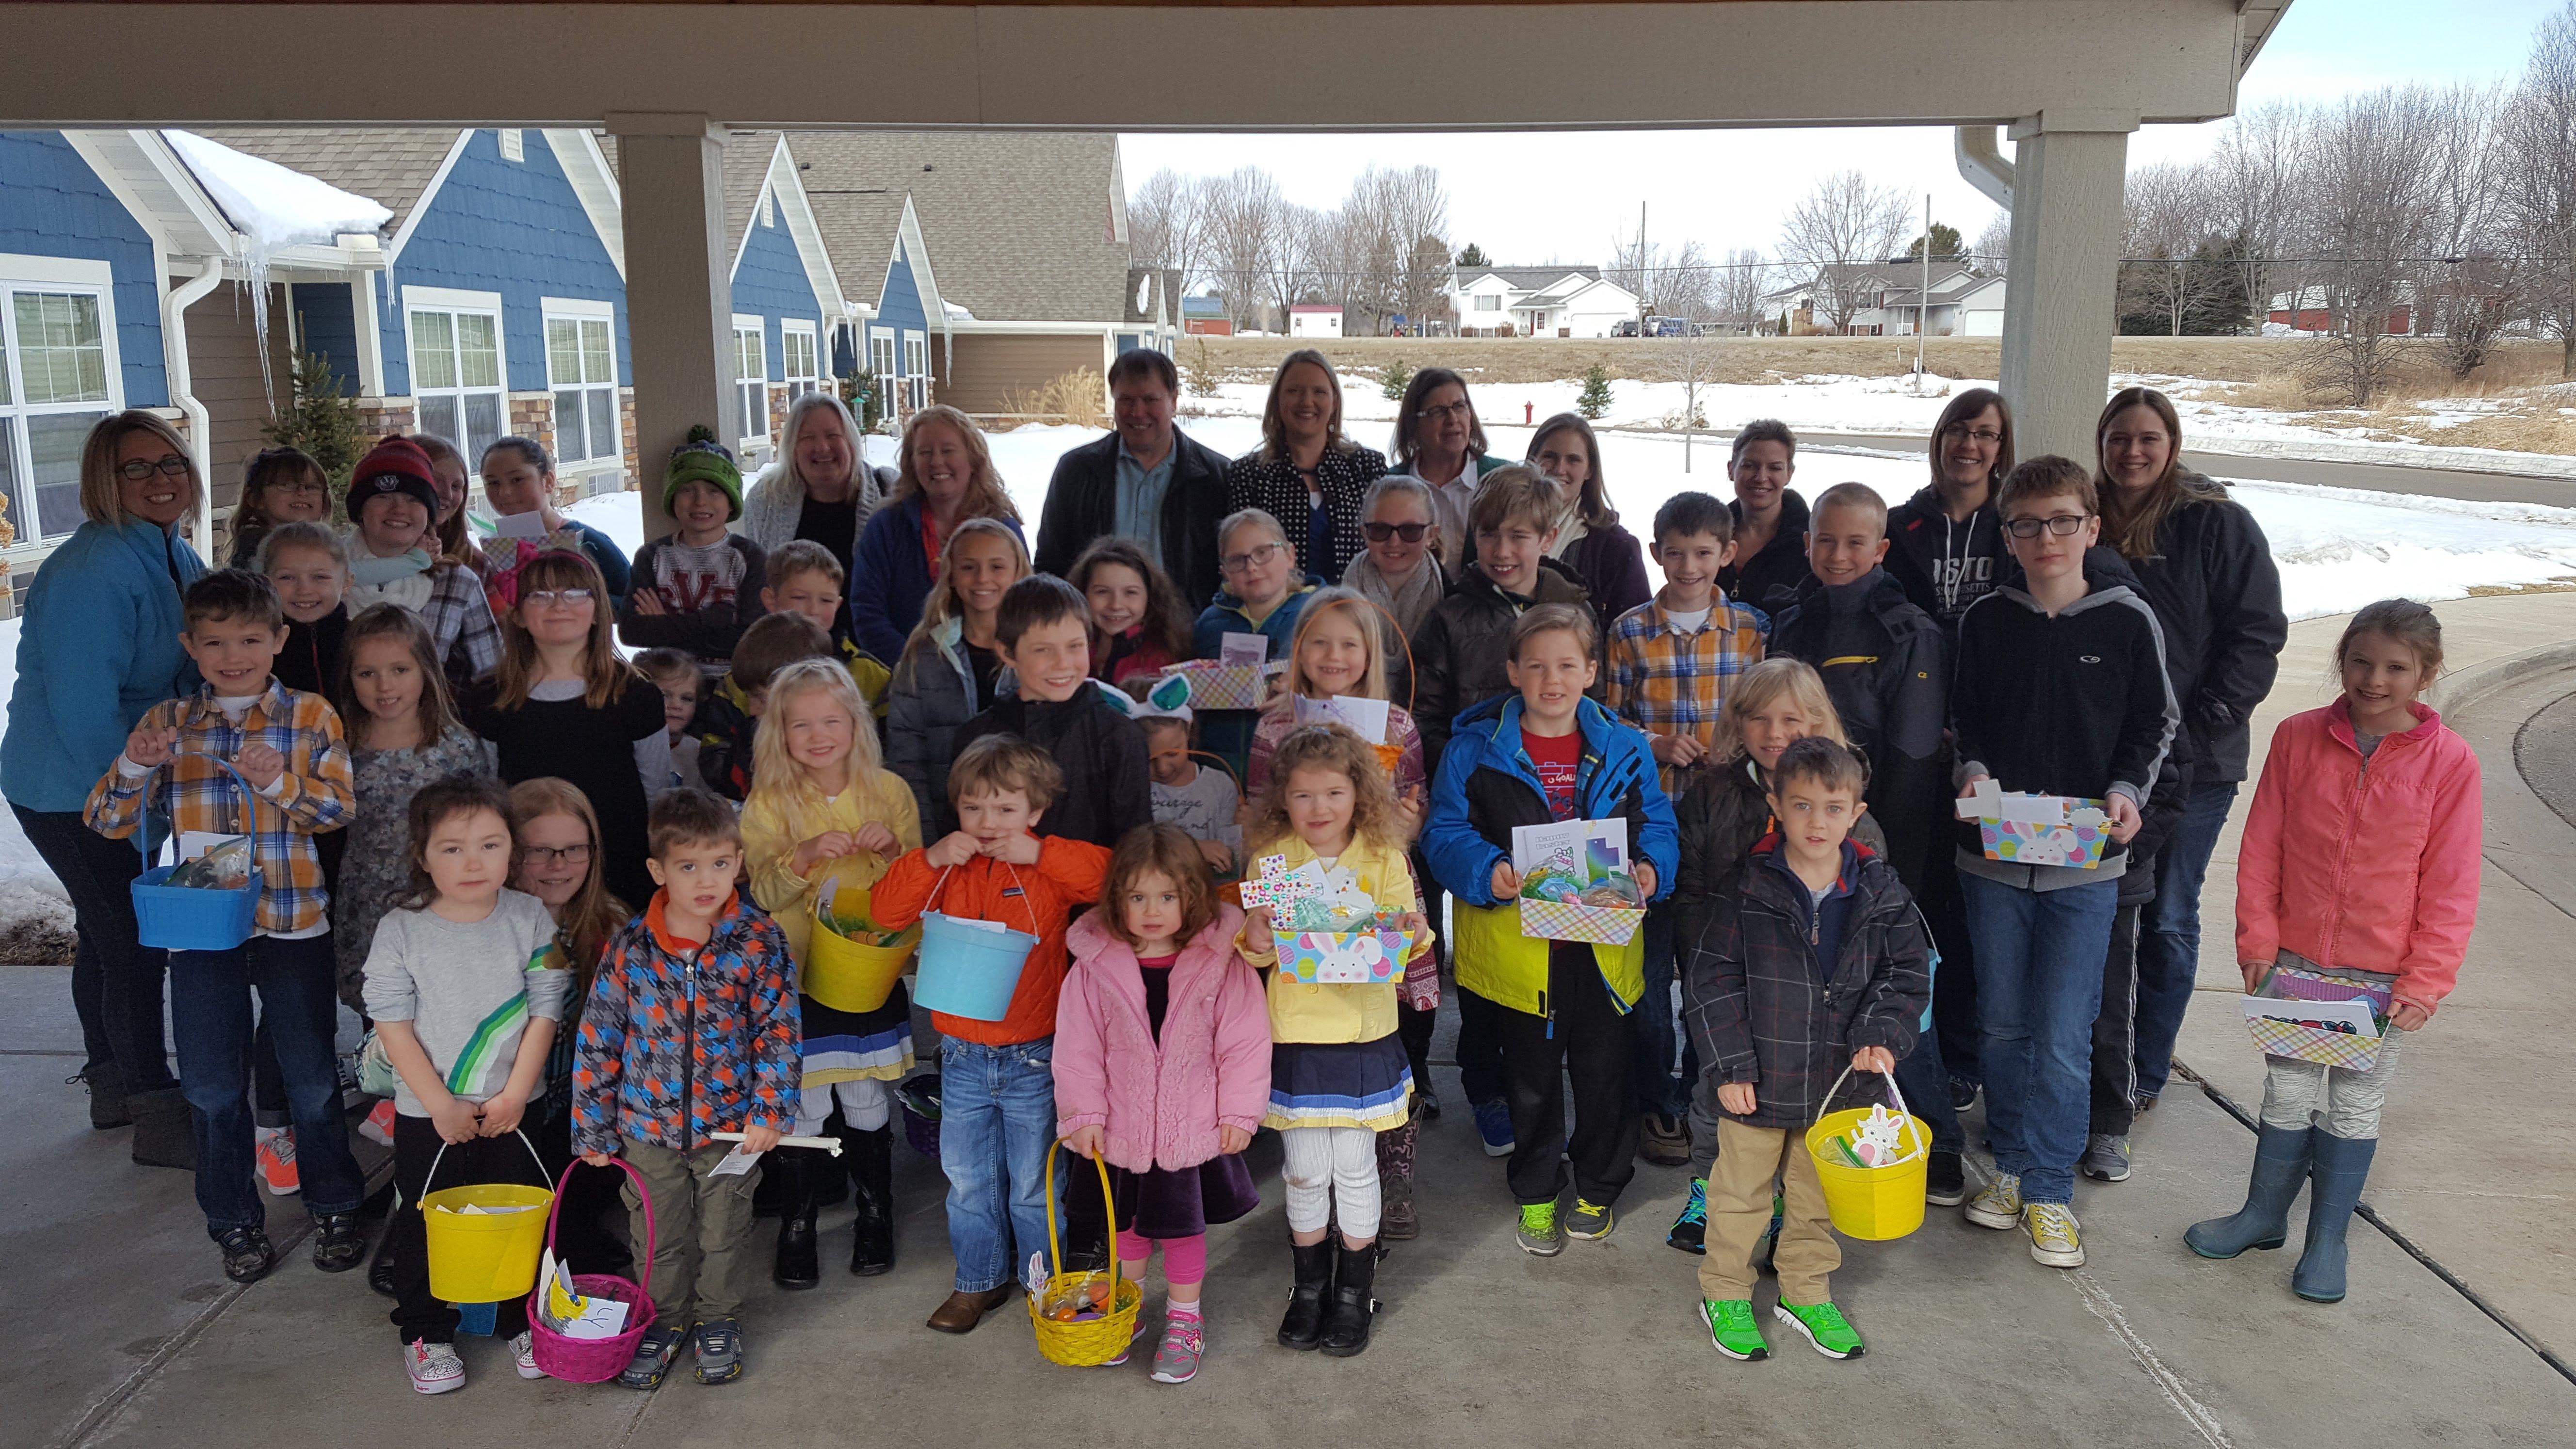 Deliver Easter Baskets to Shut-Ins